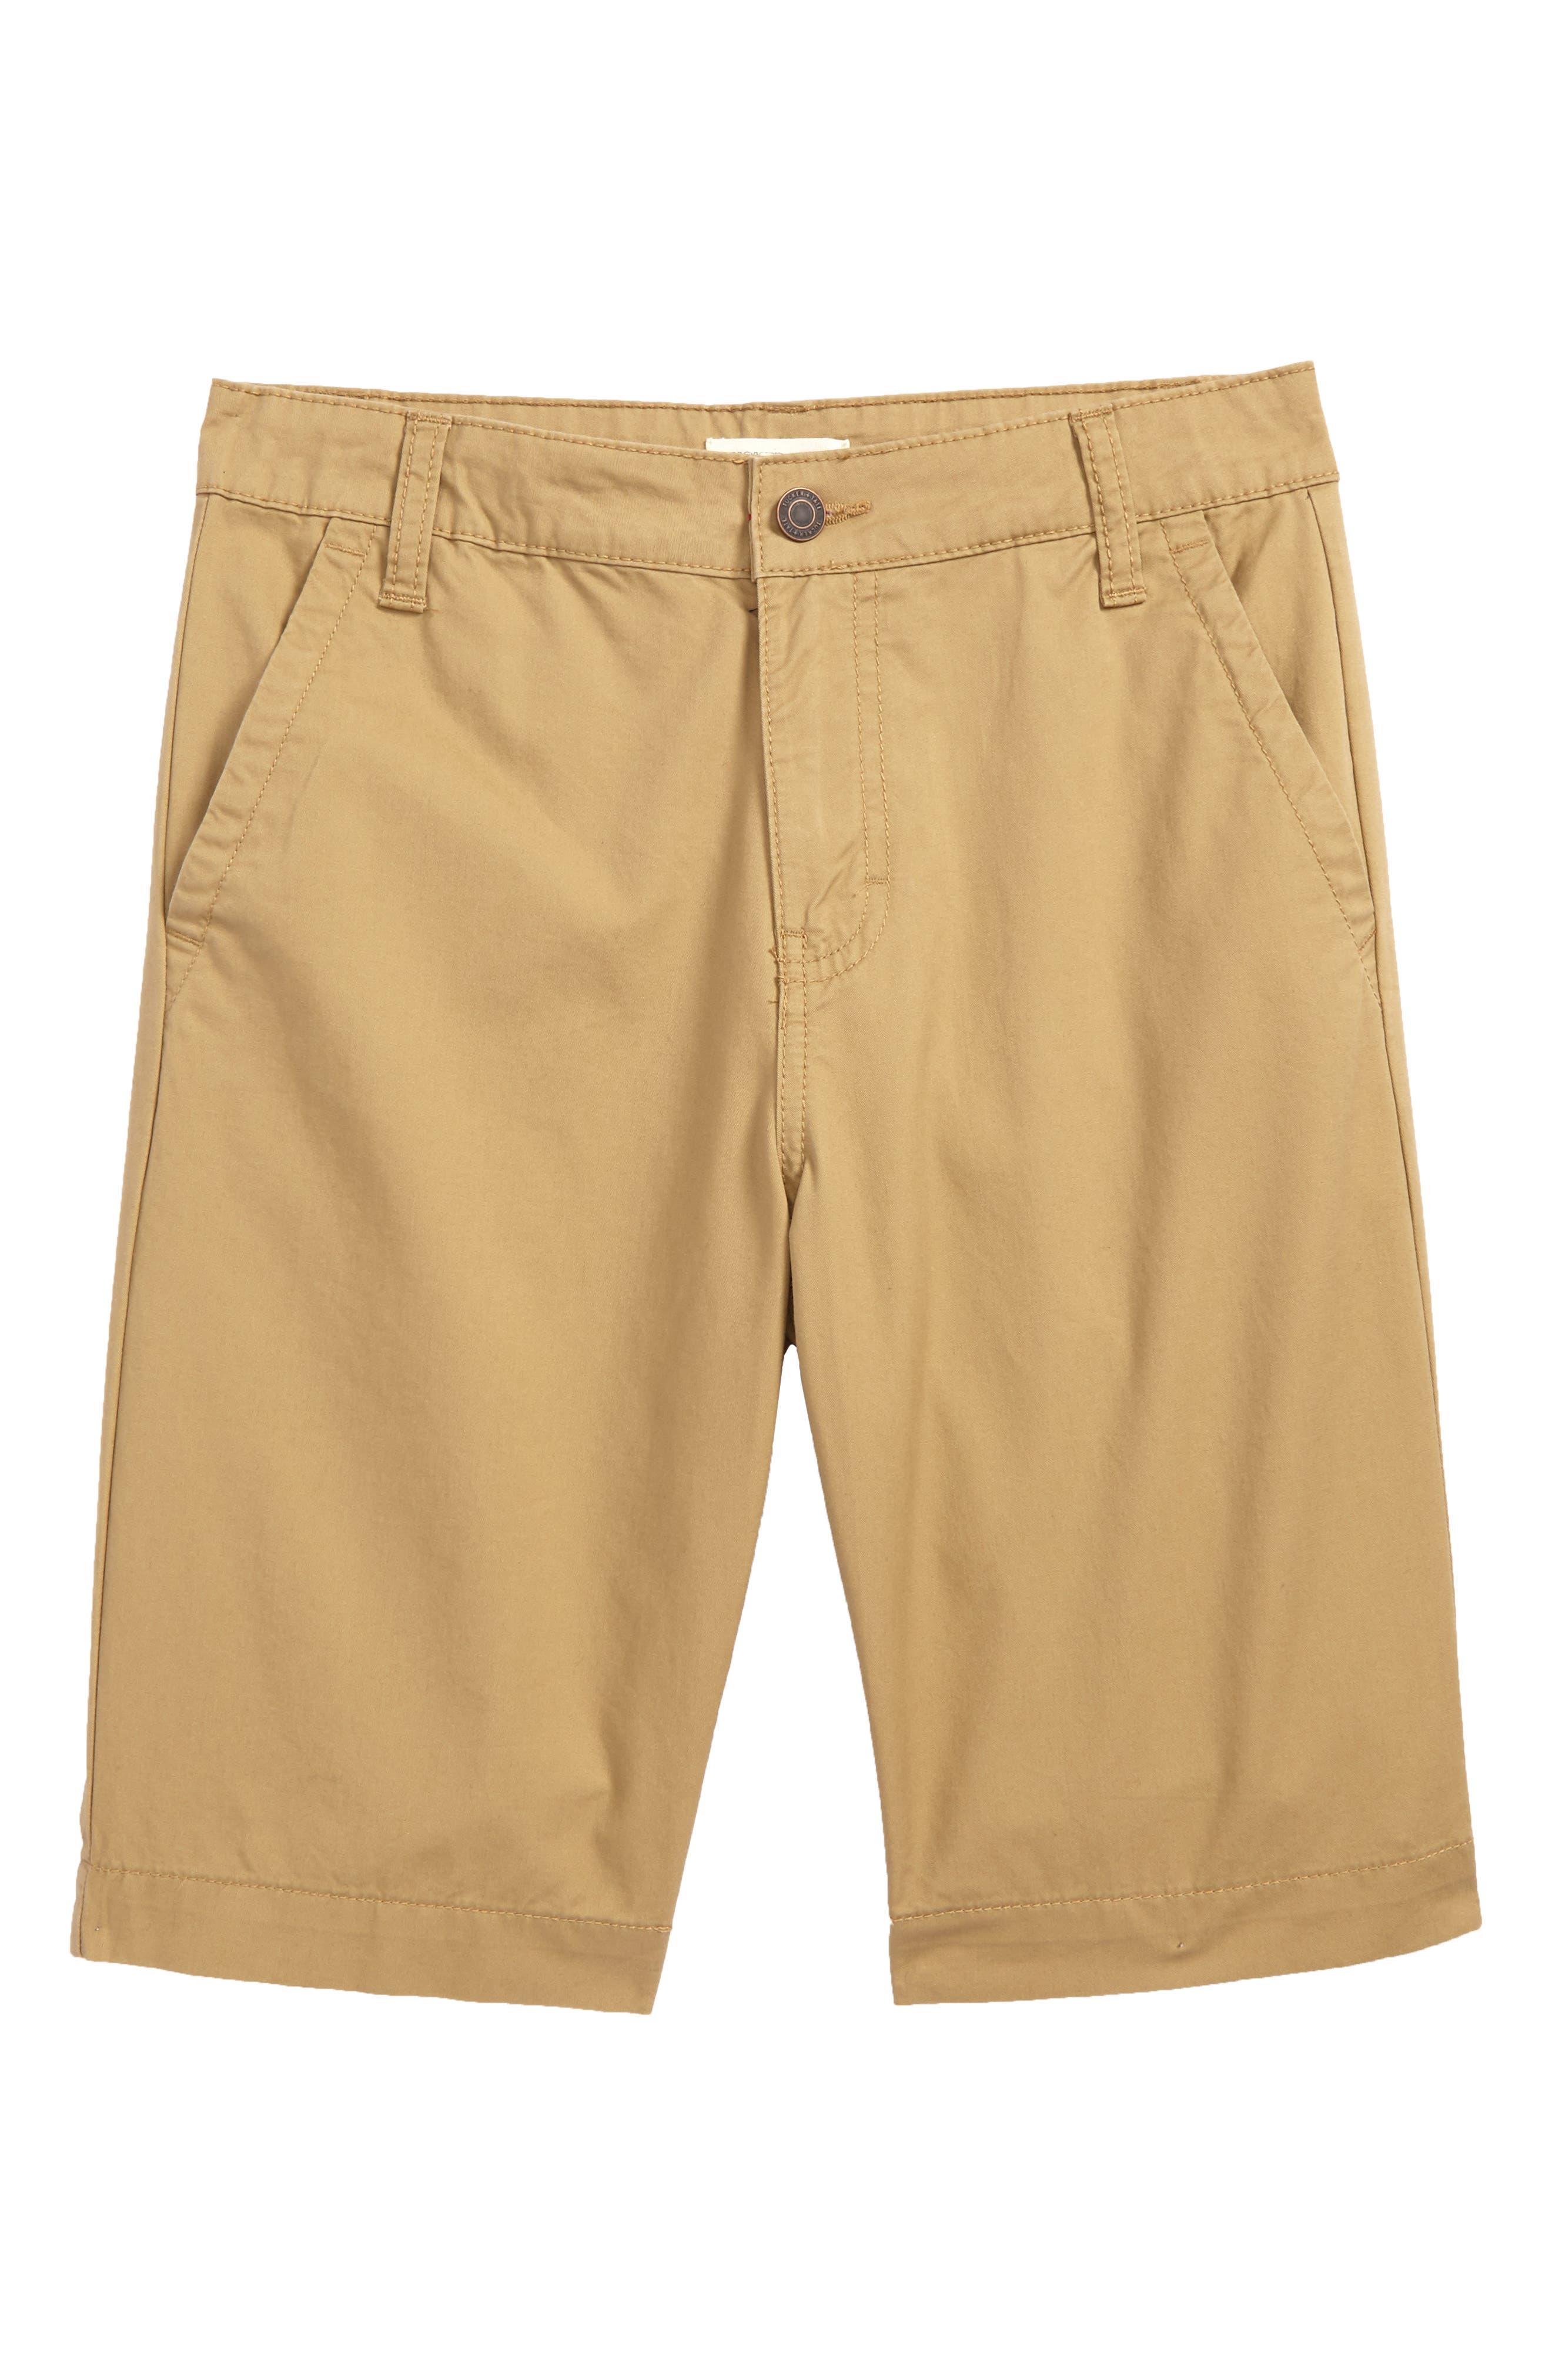 Chino Shorts,                             Main thumbnail 2, color,